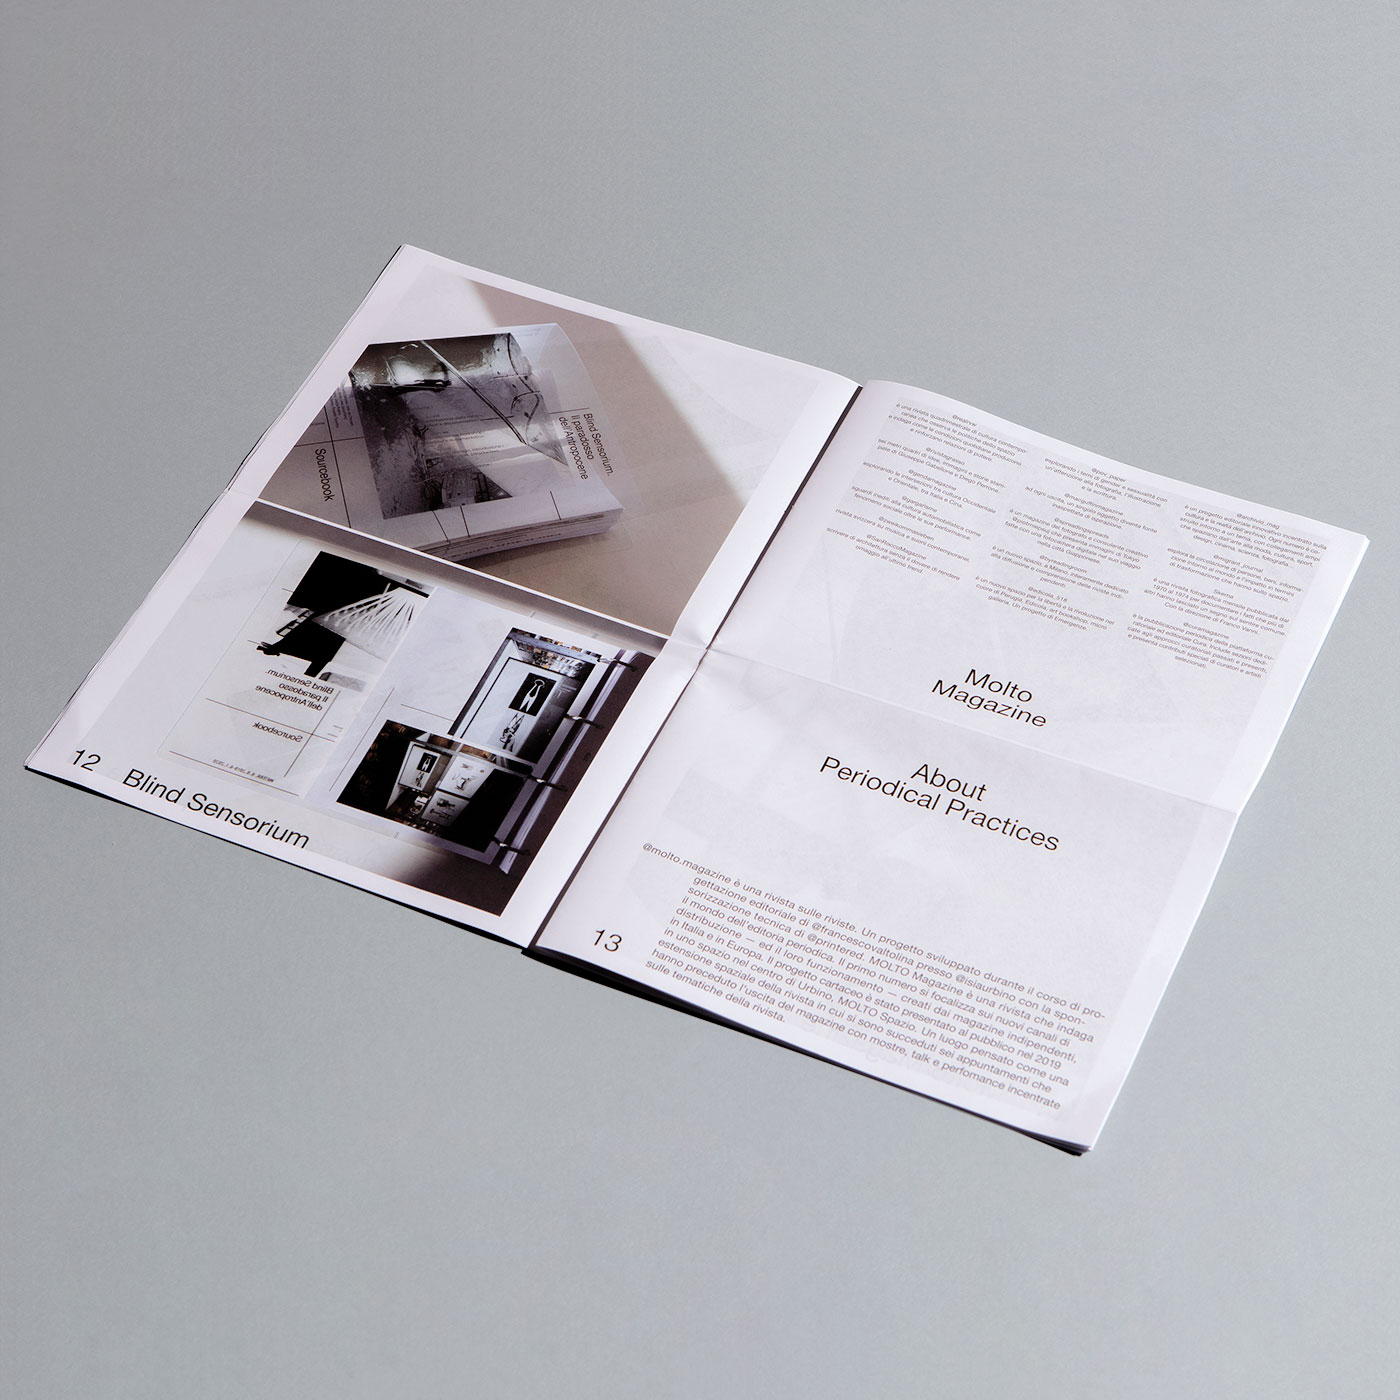 Molto Magazine